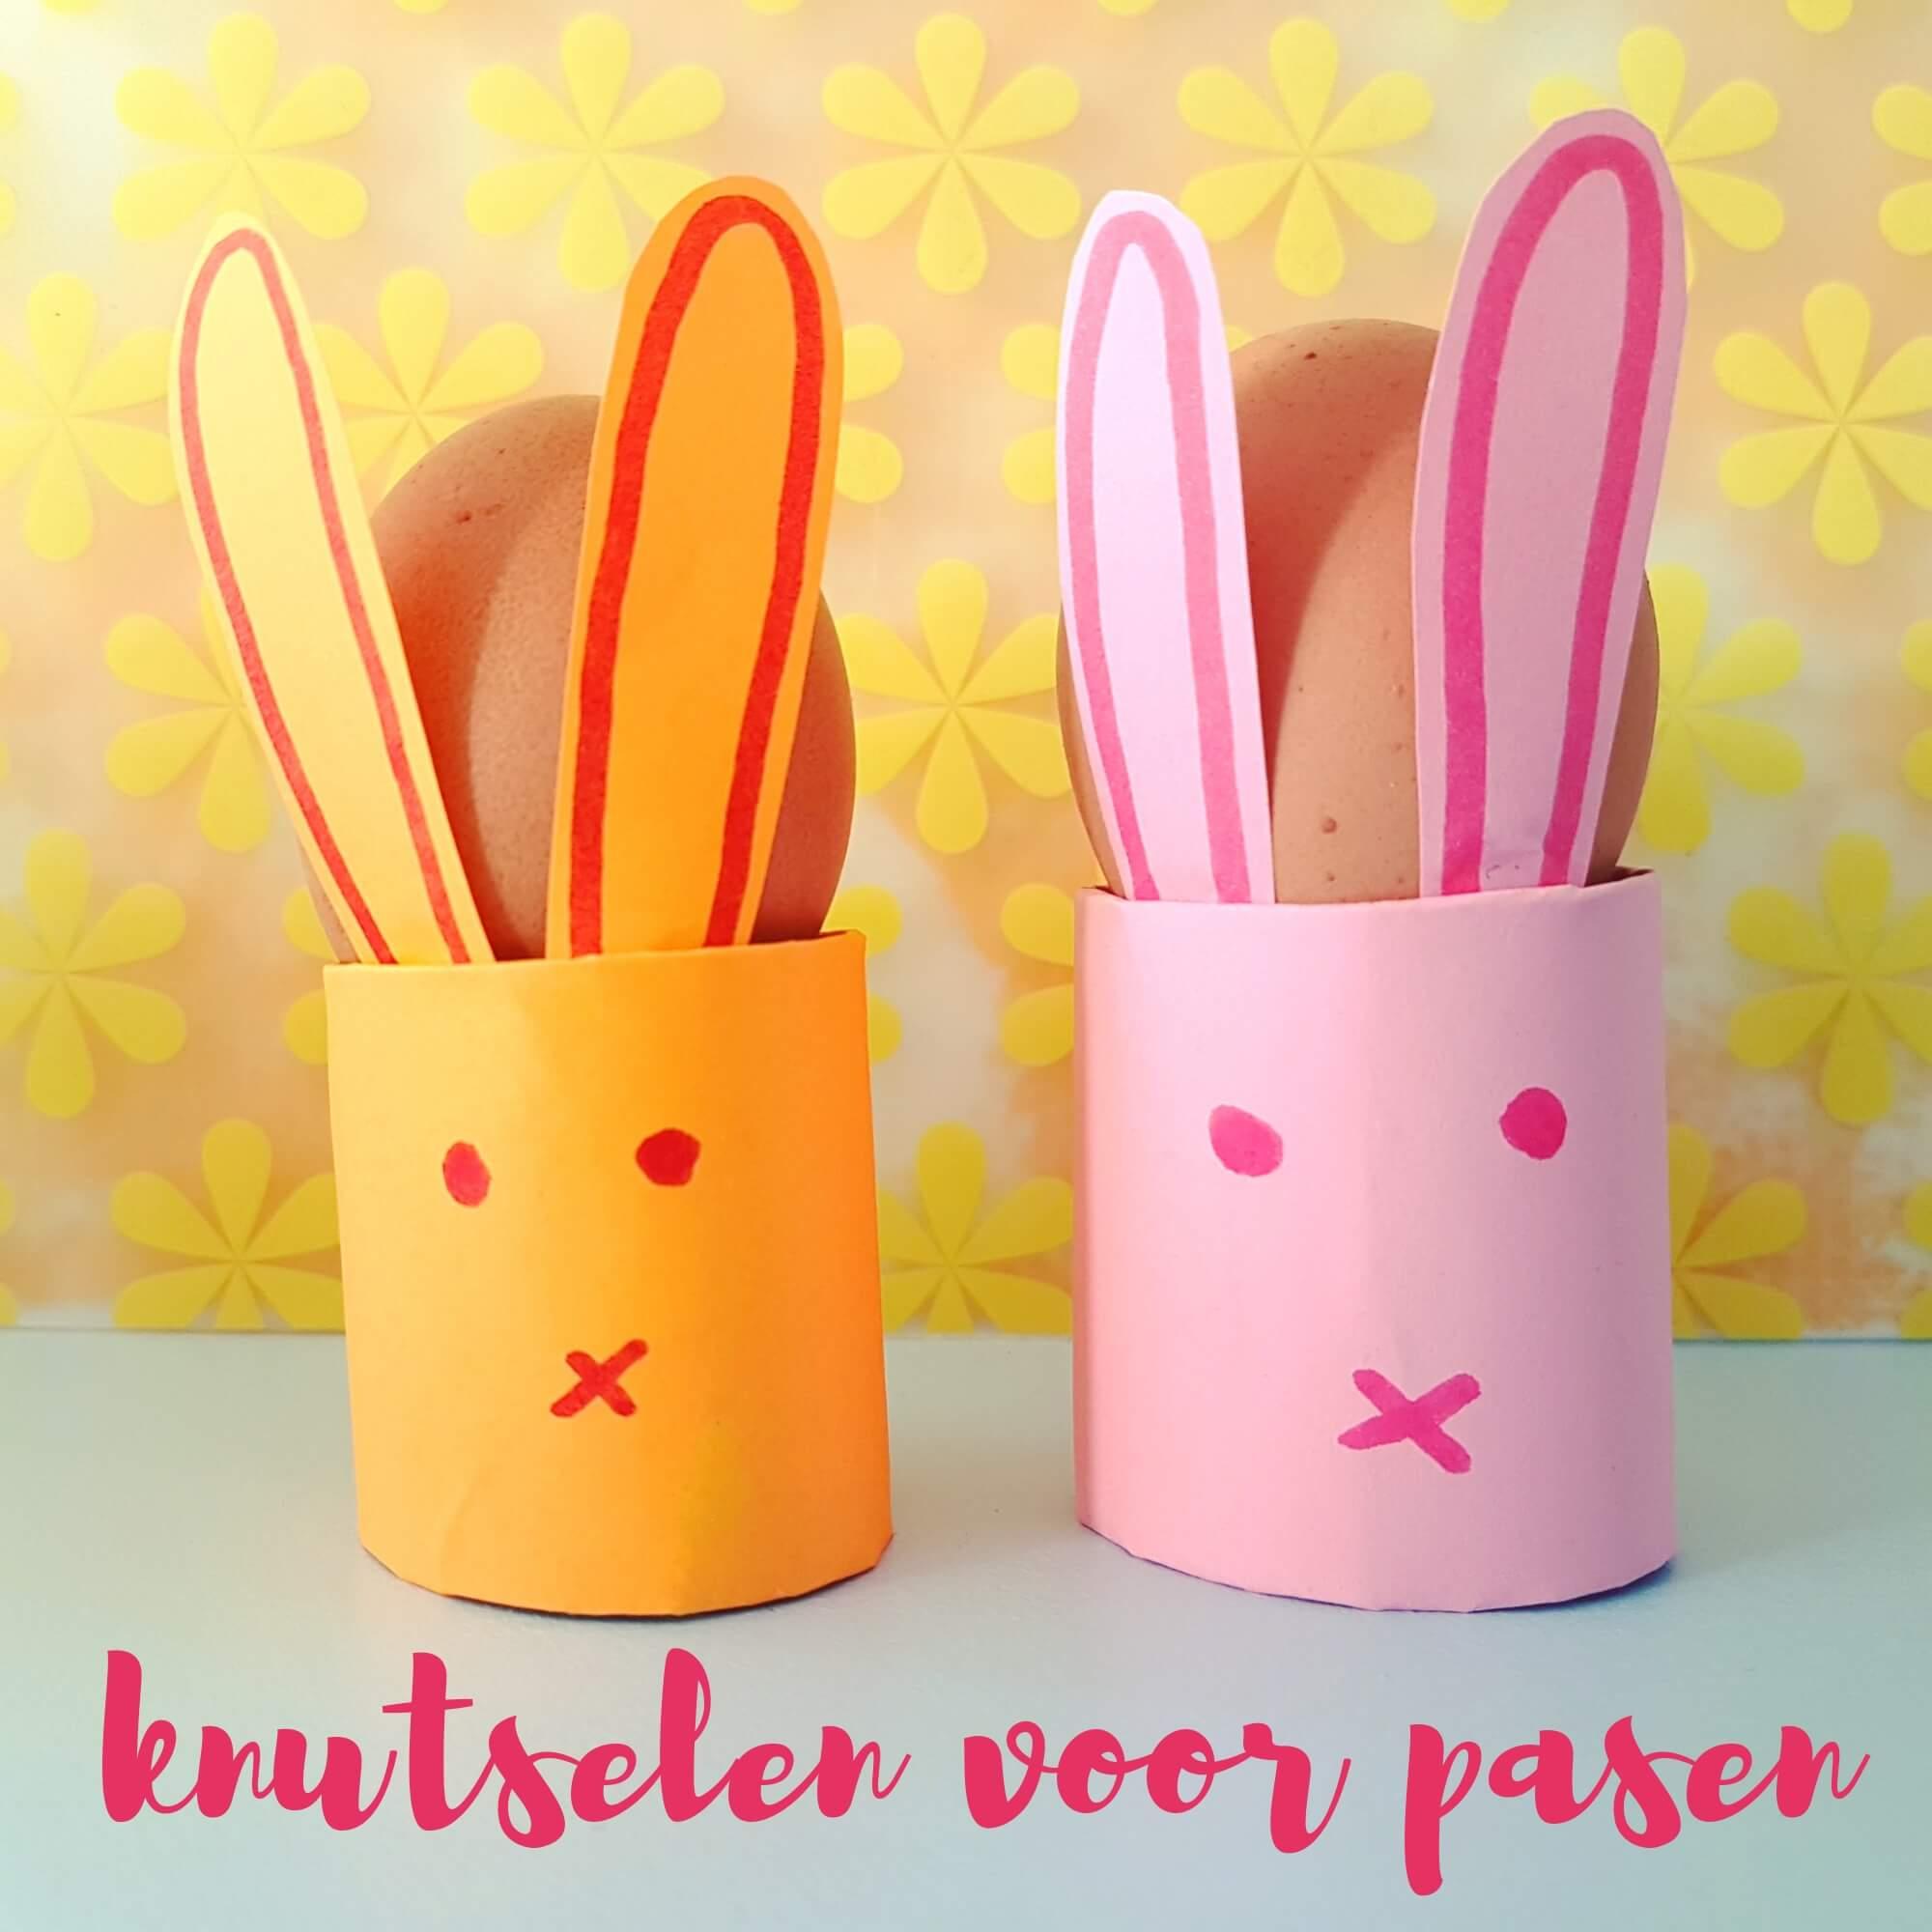 Geliefde Knutselen voor Pasen: de leukste ideeën – Leuk met kids &YL81